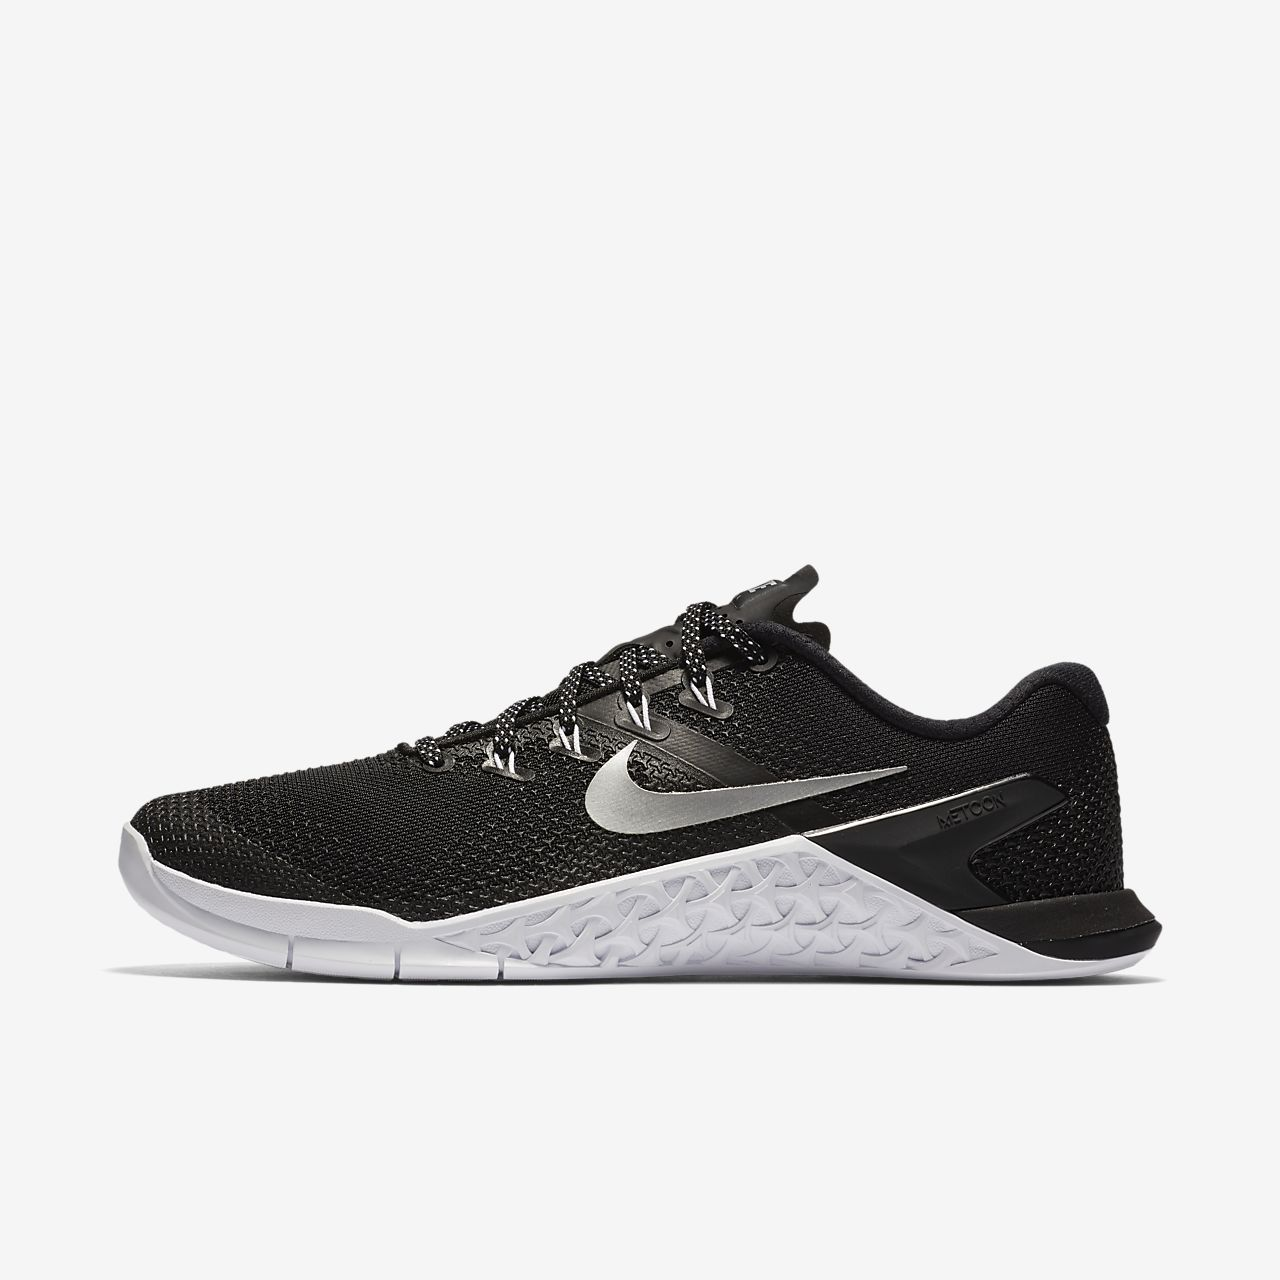 official photos e2042 956b9 ... Nike Metcon 4–crosstrænings- og vægtløftningssko til kvinder